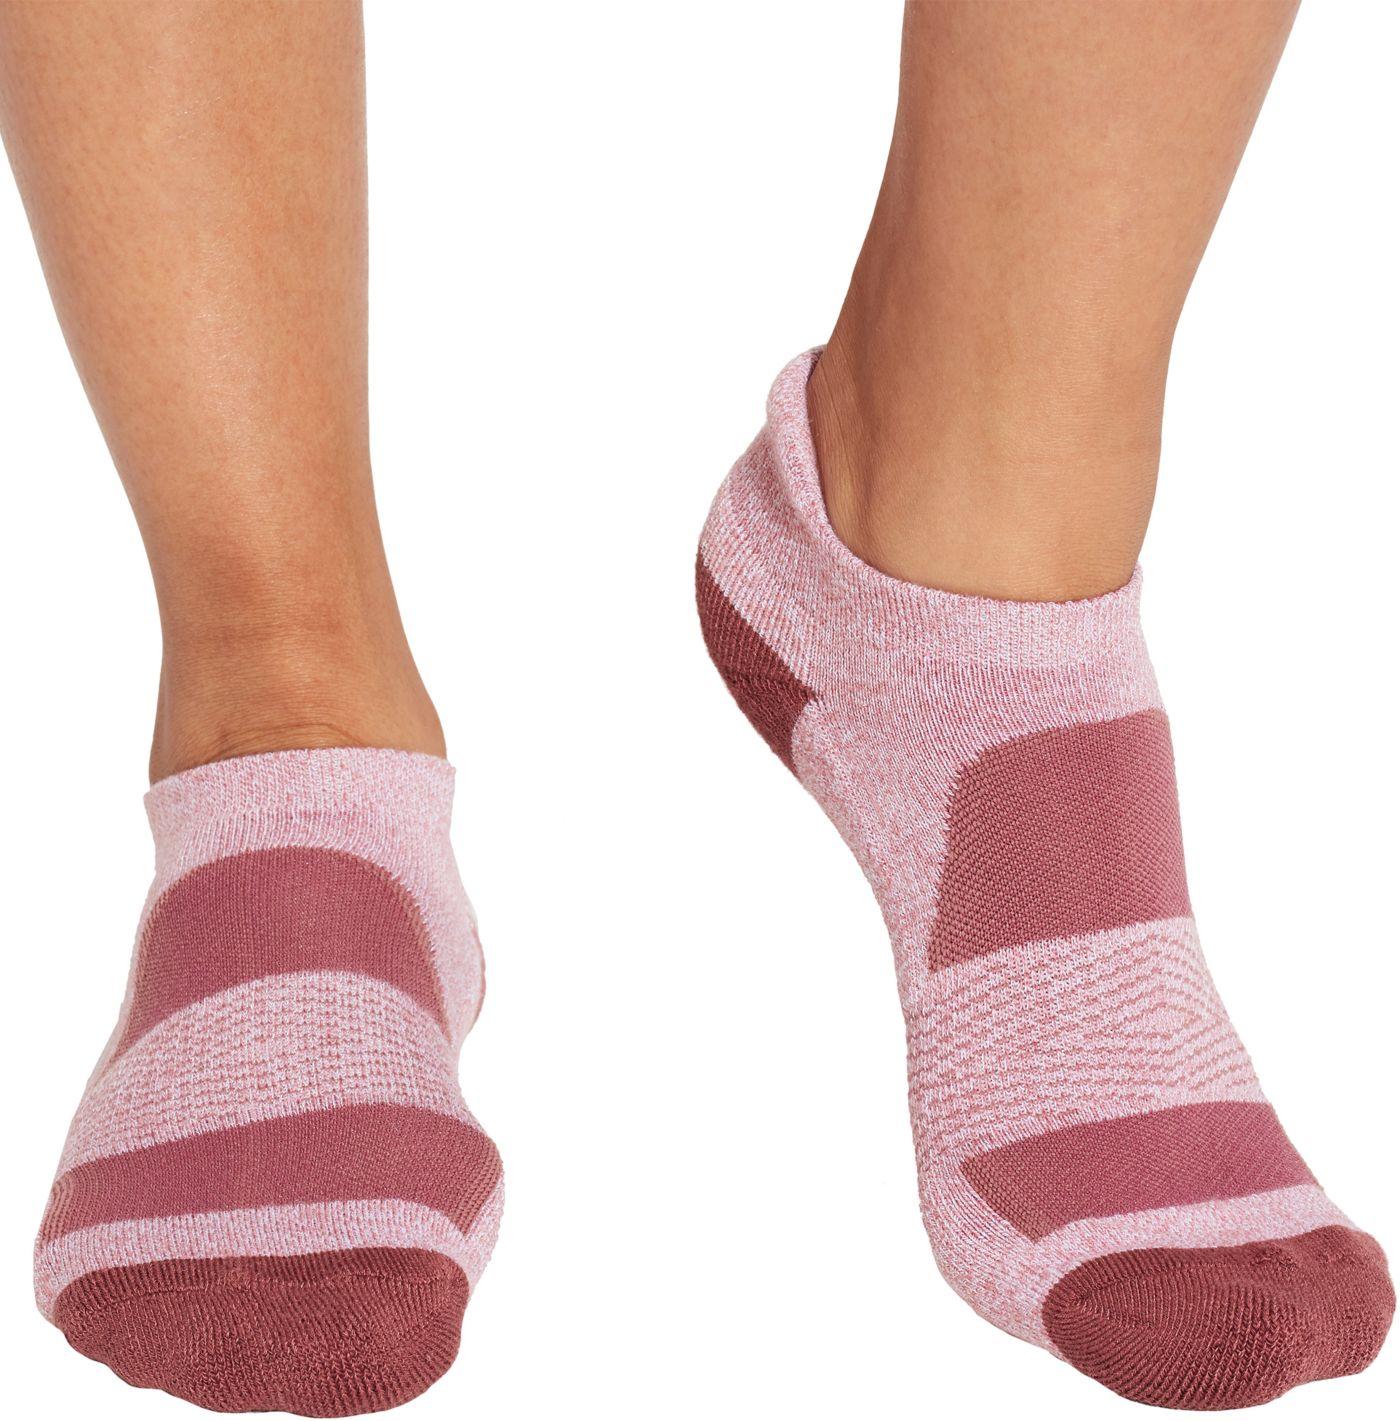 CALIA by Carrie Underwood Women's Running Socks - 2 Pack